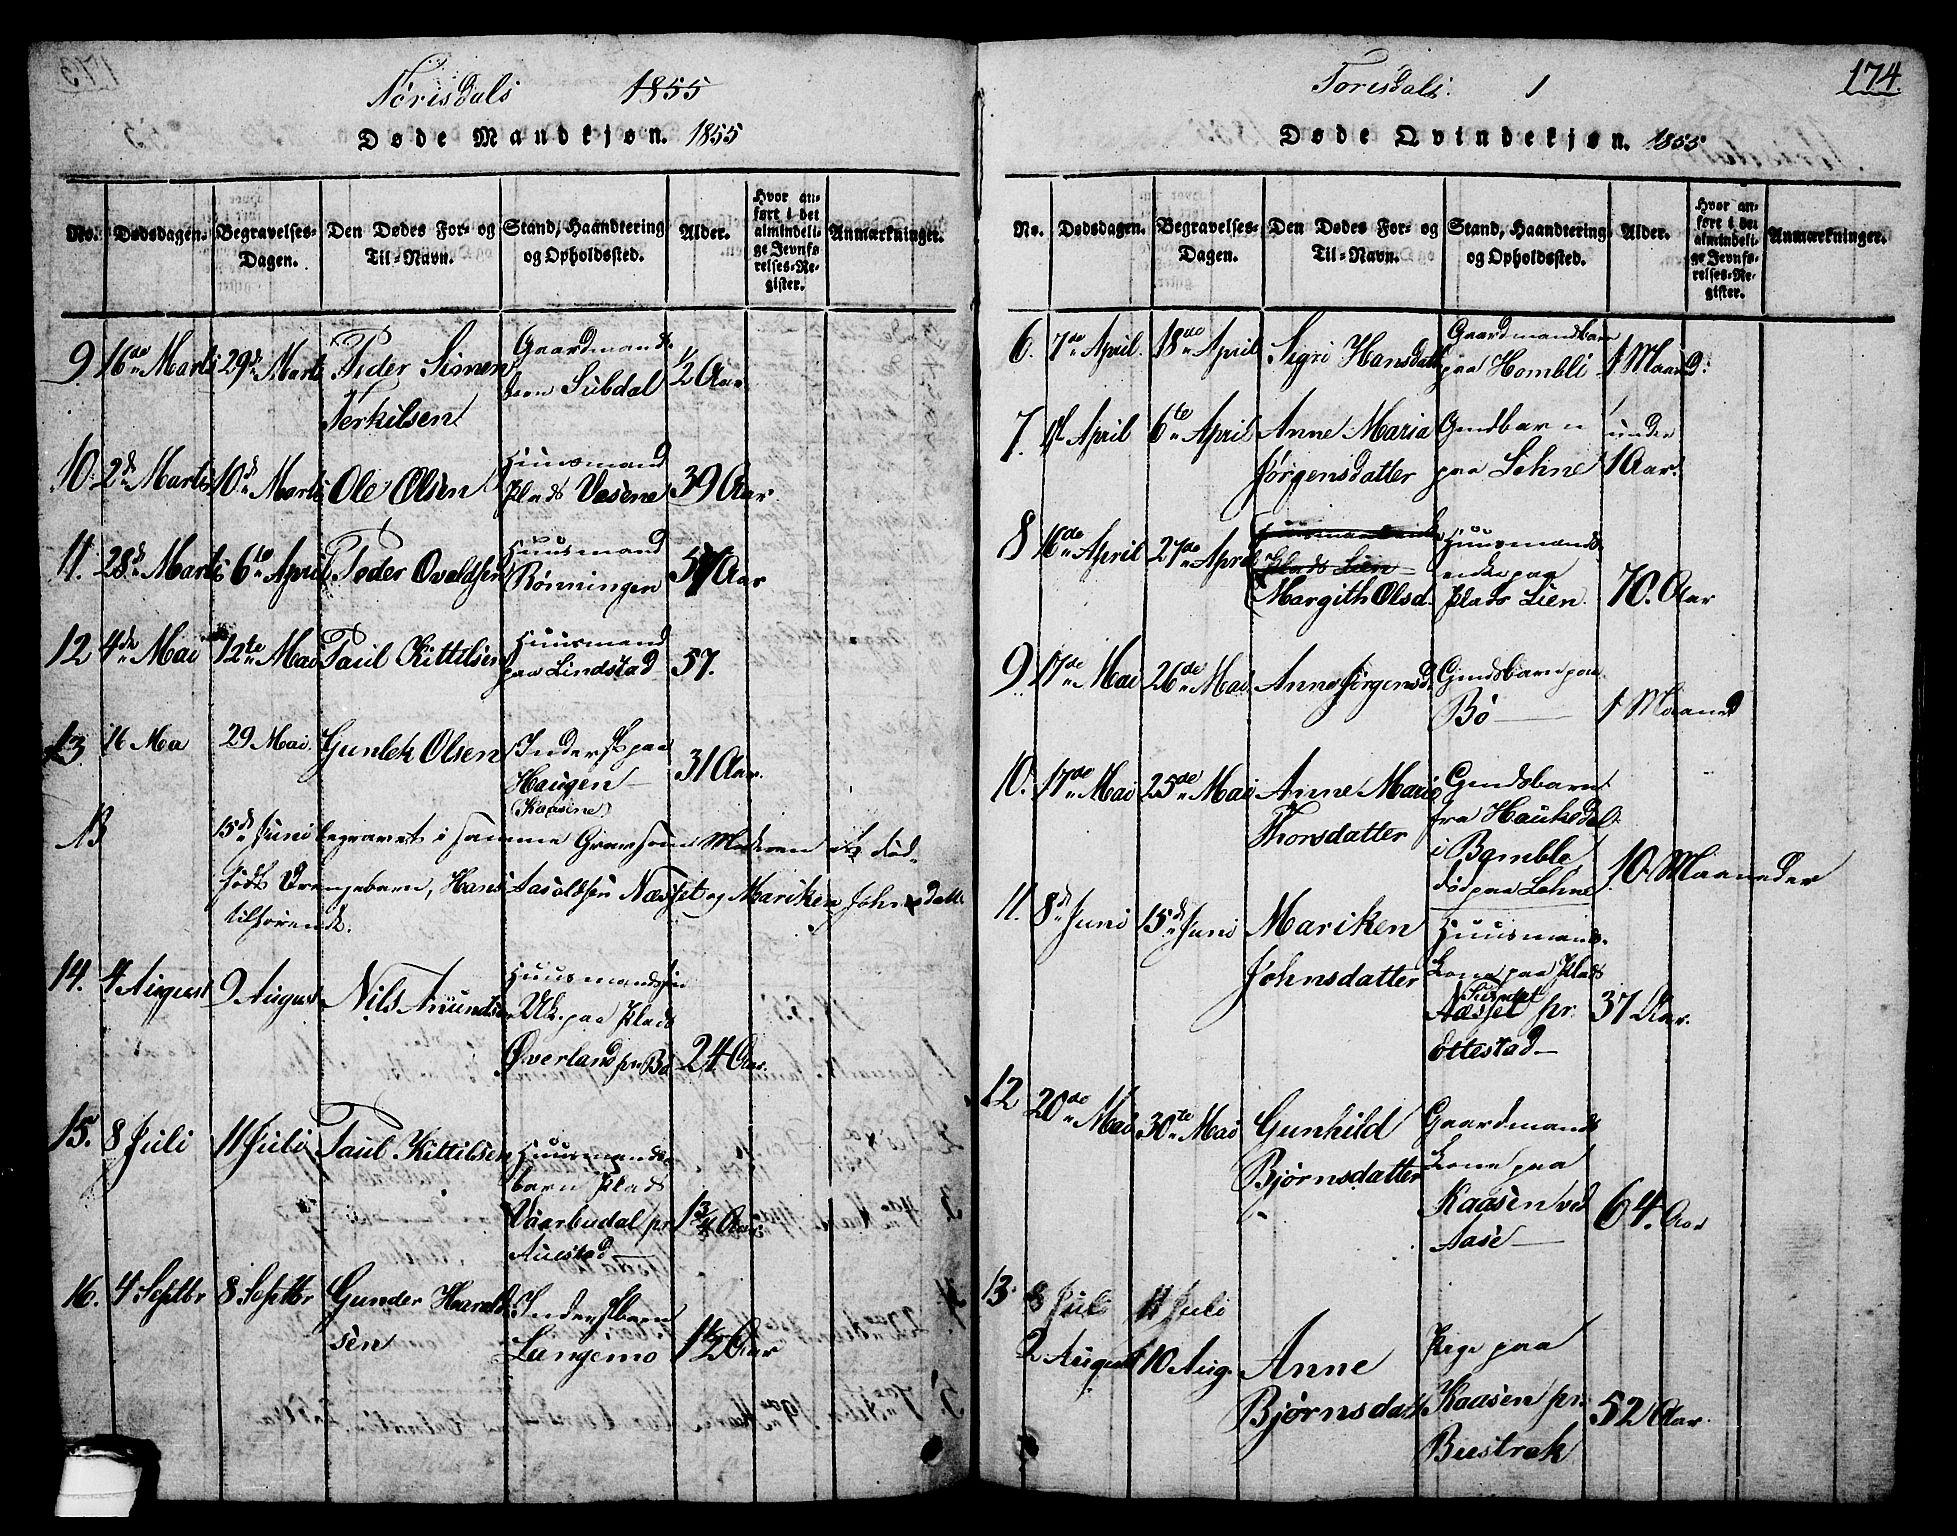 SAKO, Drangedal kirkebøker, G/Ga/L0001: Klokkerbok nr. I 1 /2, 1814-1856, s. 174